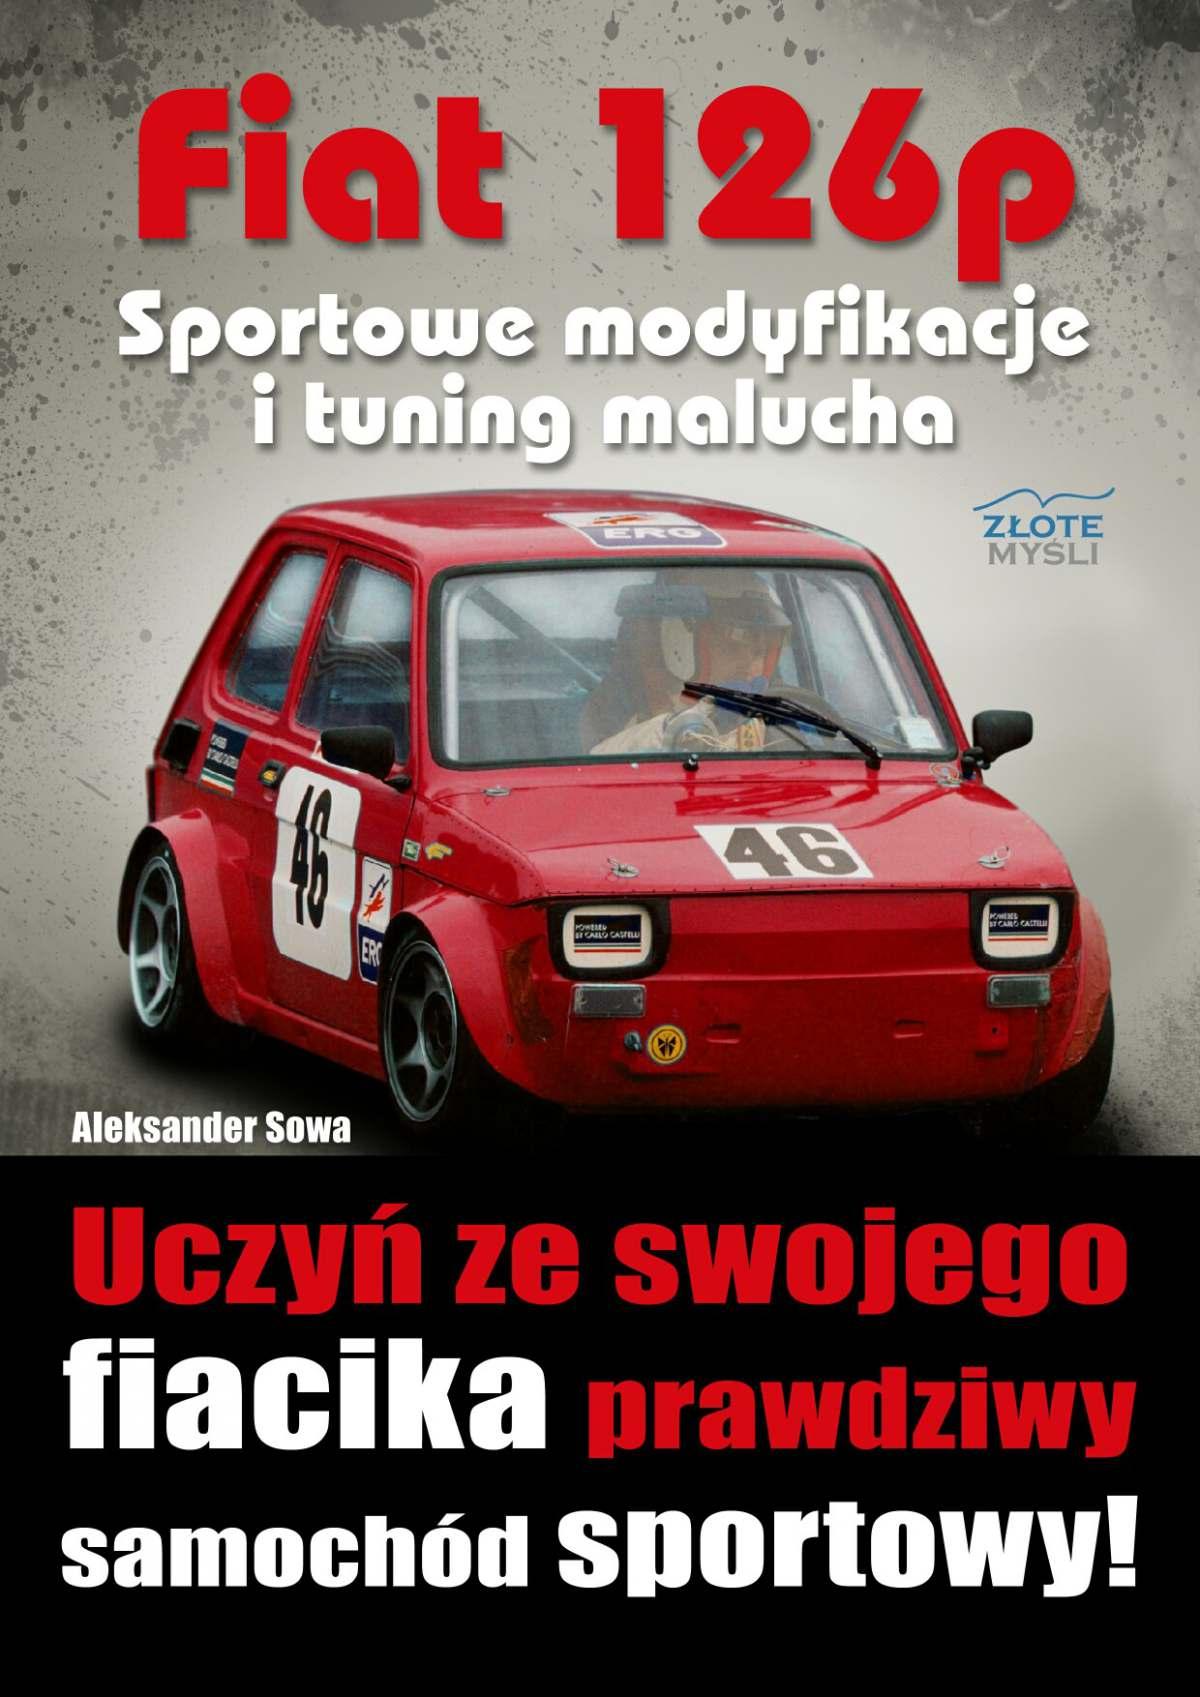 Fiat 126p. Sportowe modyfikacje i tuning - Ebook (Książka PDF) do pobrania w formacie PDF